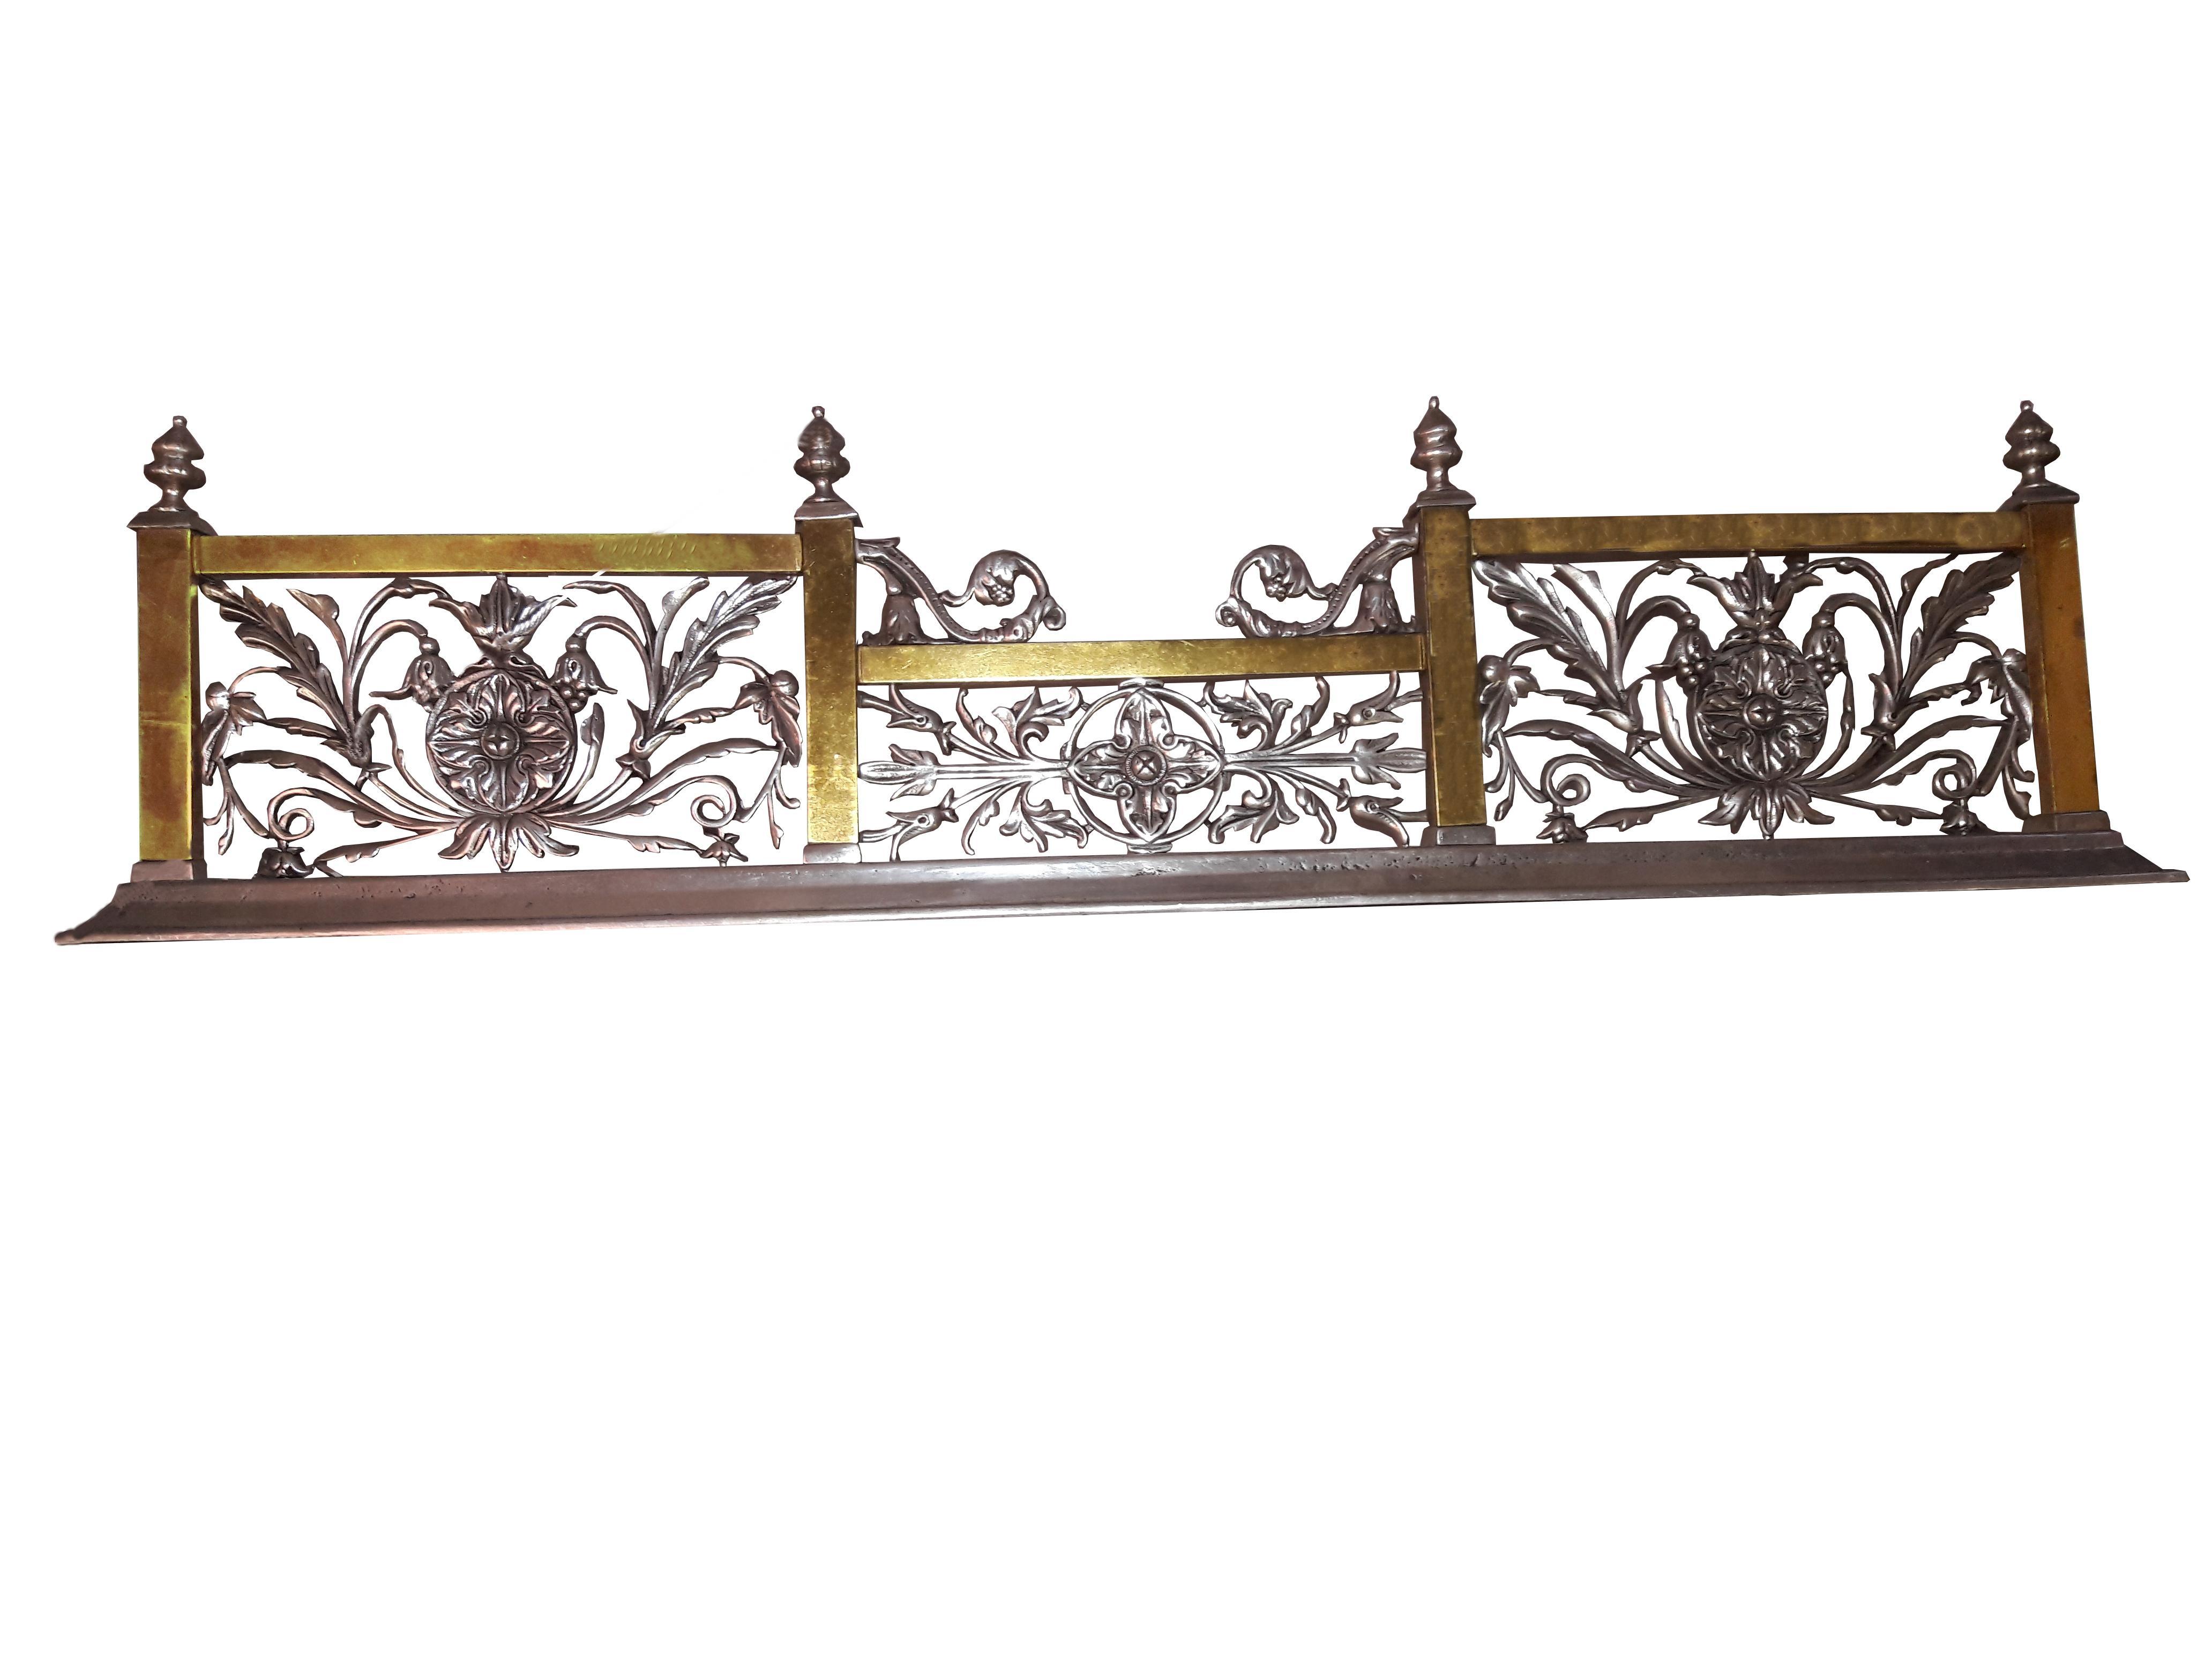 Art Nouveau Art Nouveau Style Fireplace Surround Bench Fender Architectural  Wall Shelf For Sale   Image